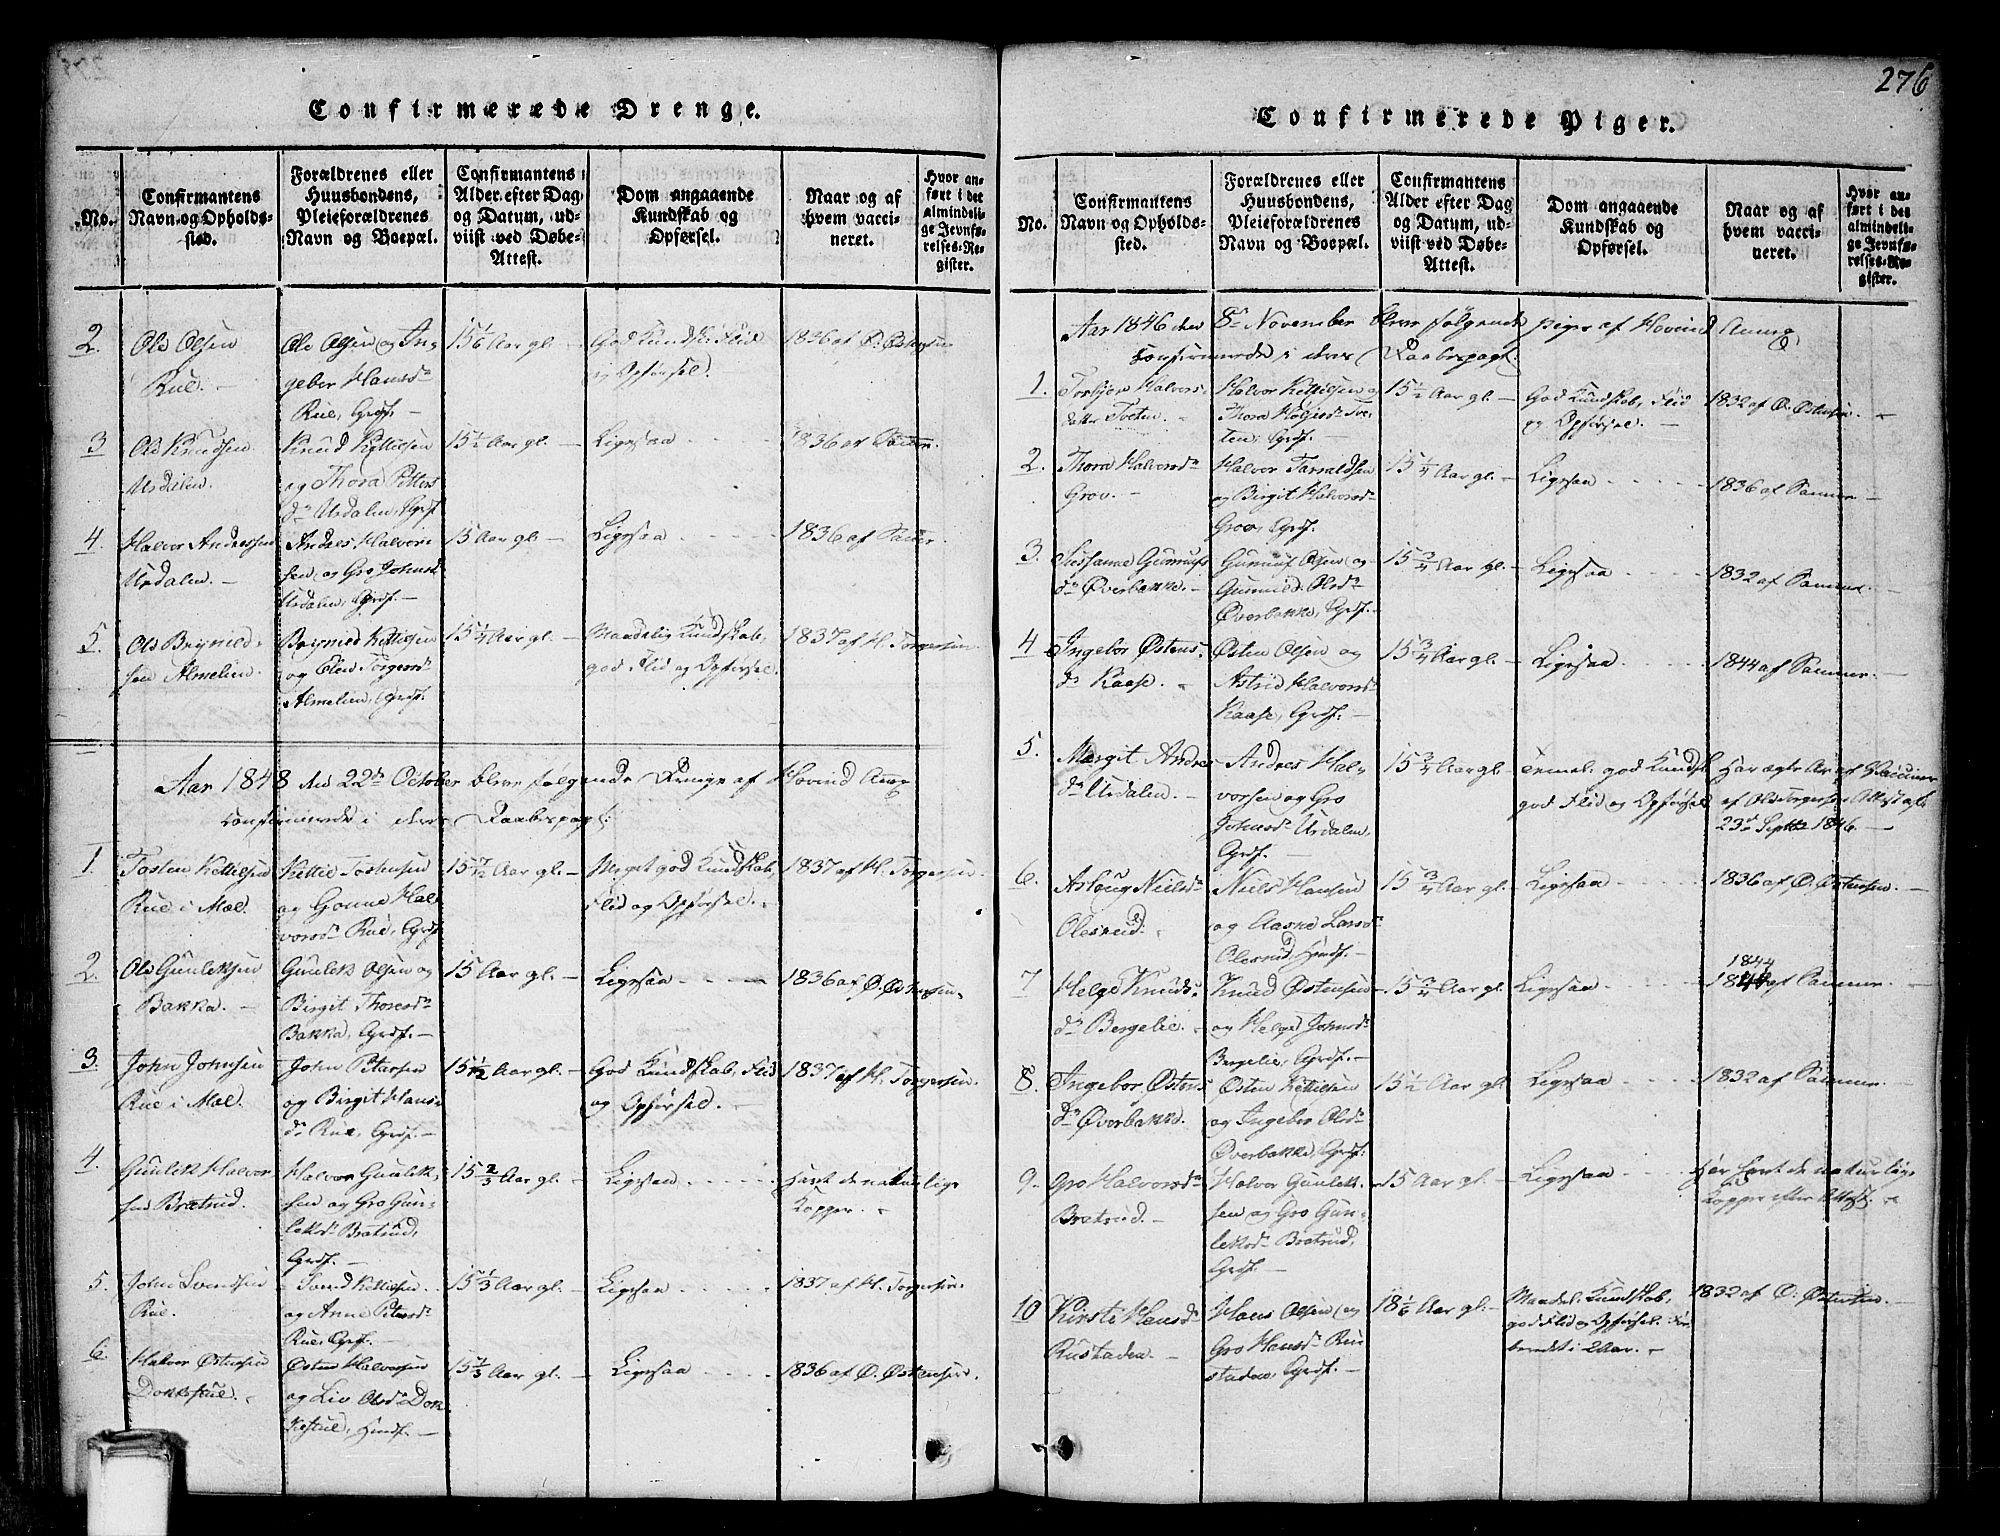 SAKO, Gransherad kirkebøker, G/Gb/L0001: Klokkerbok nr. II 1, 1815-1860, s. 276